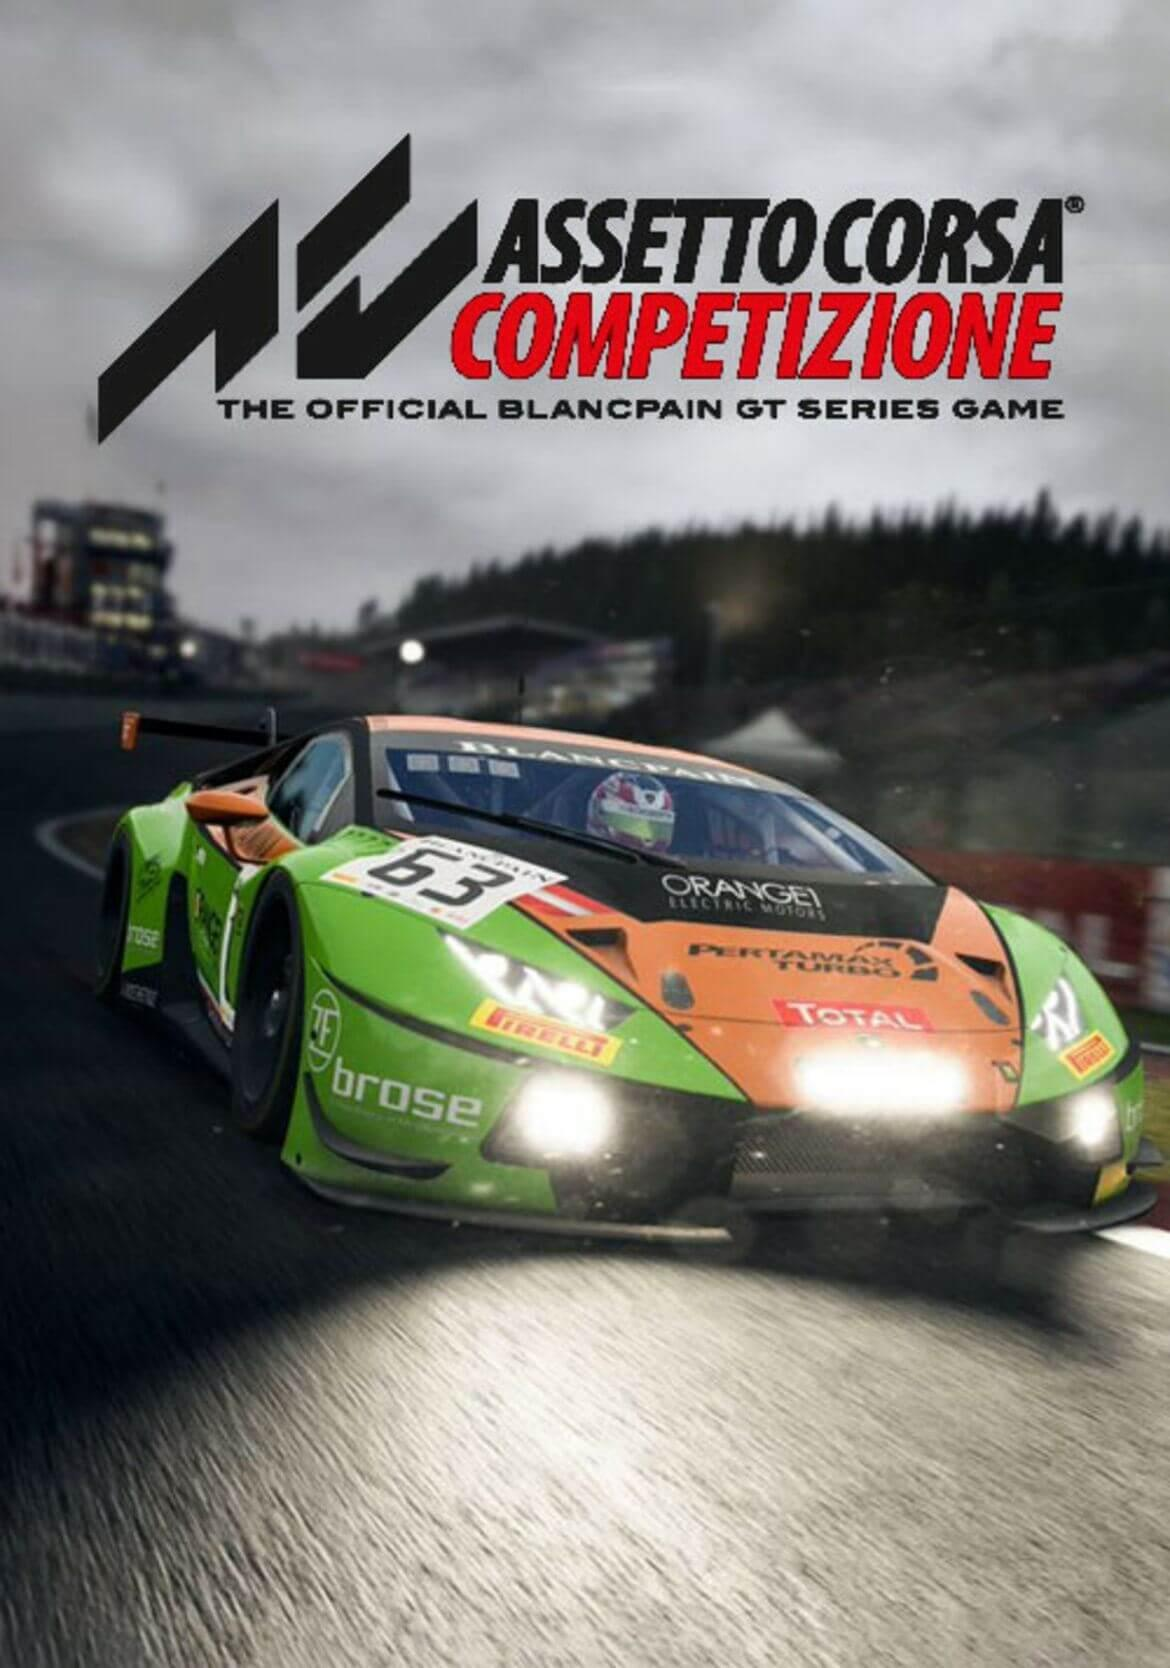 Immagine di Assetto Corsa Competizione